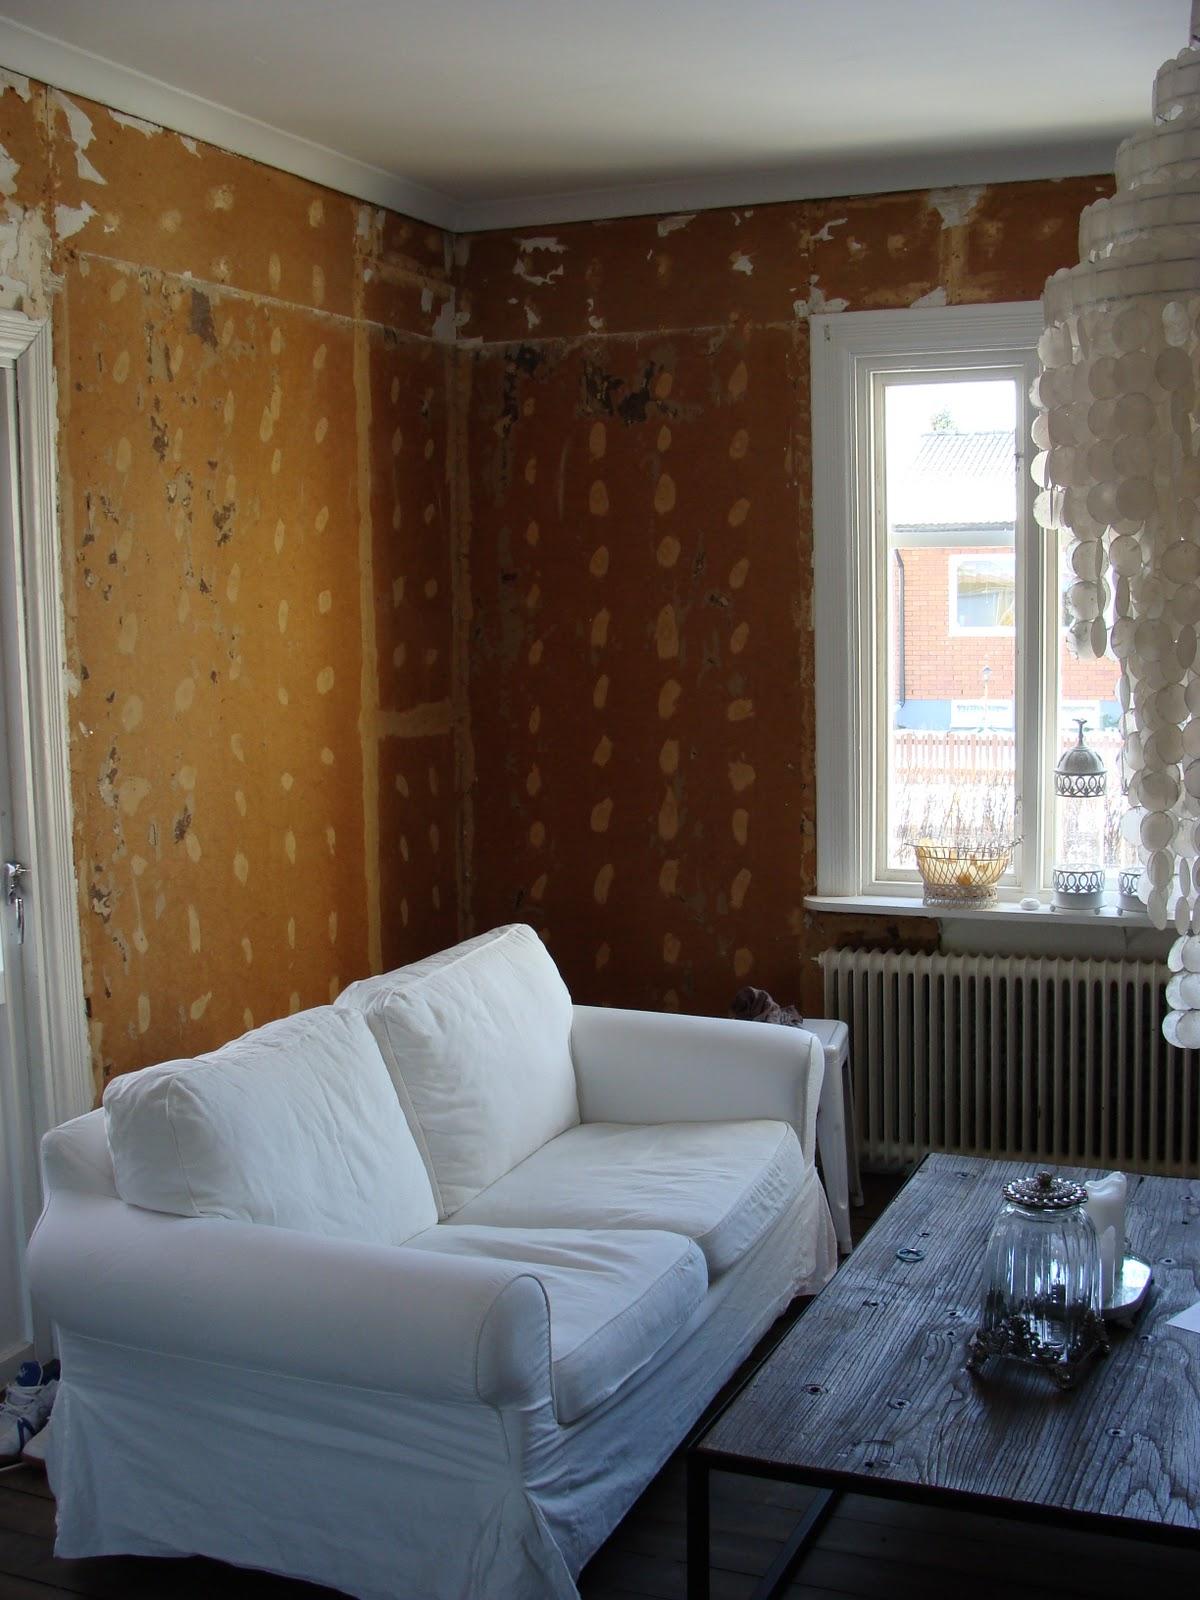 Rott Kok Ikea : rott kok och bar  Hor kommer lite bilder po kok och vardagsrum